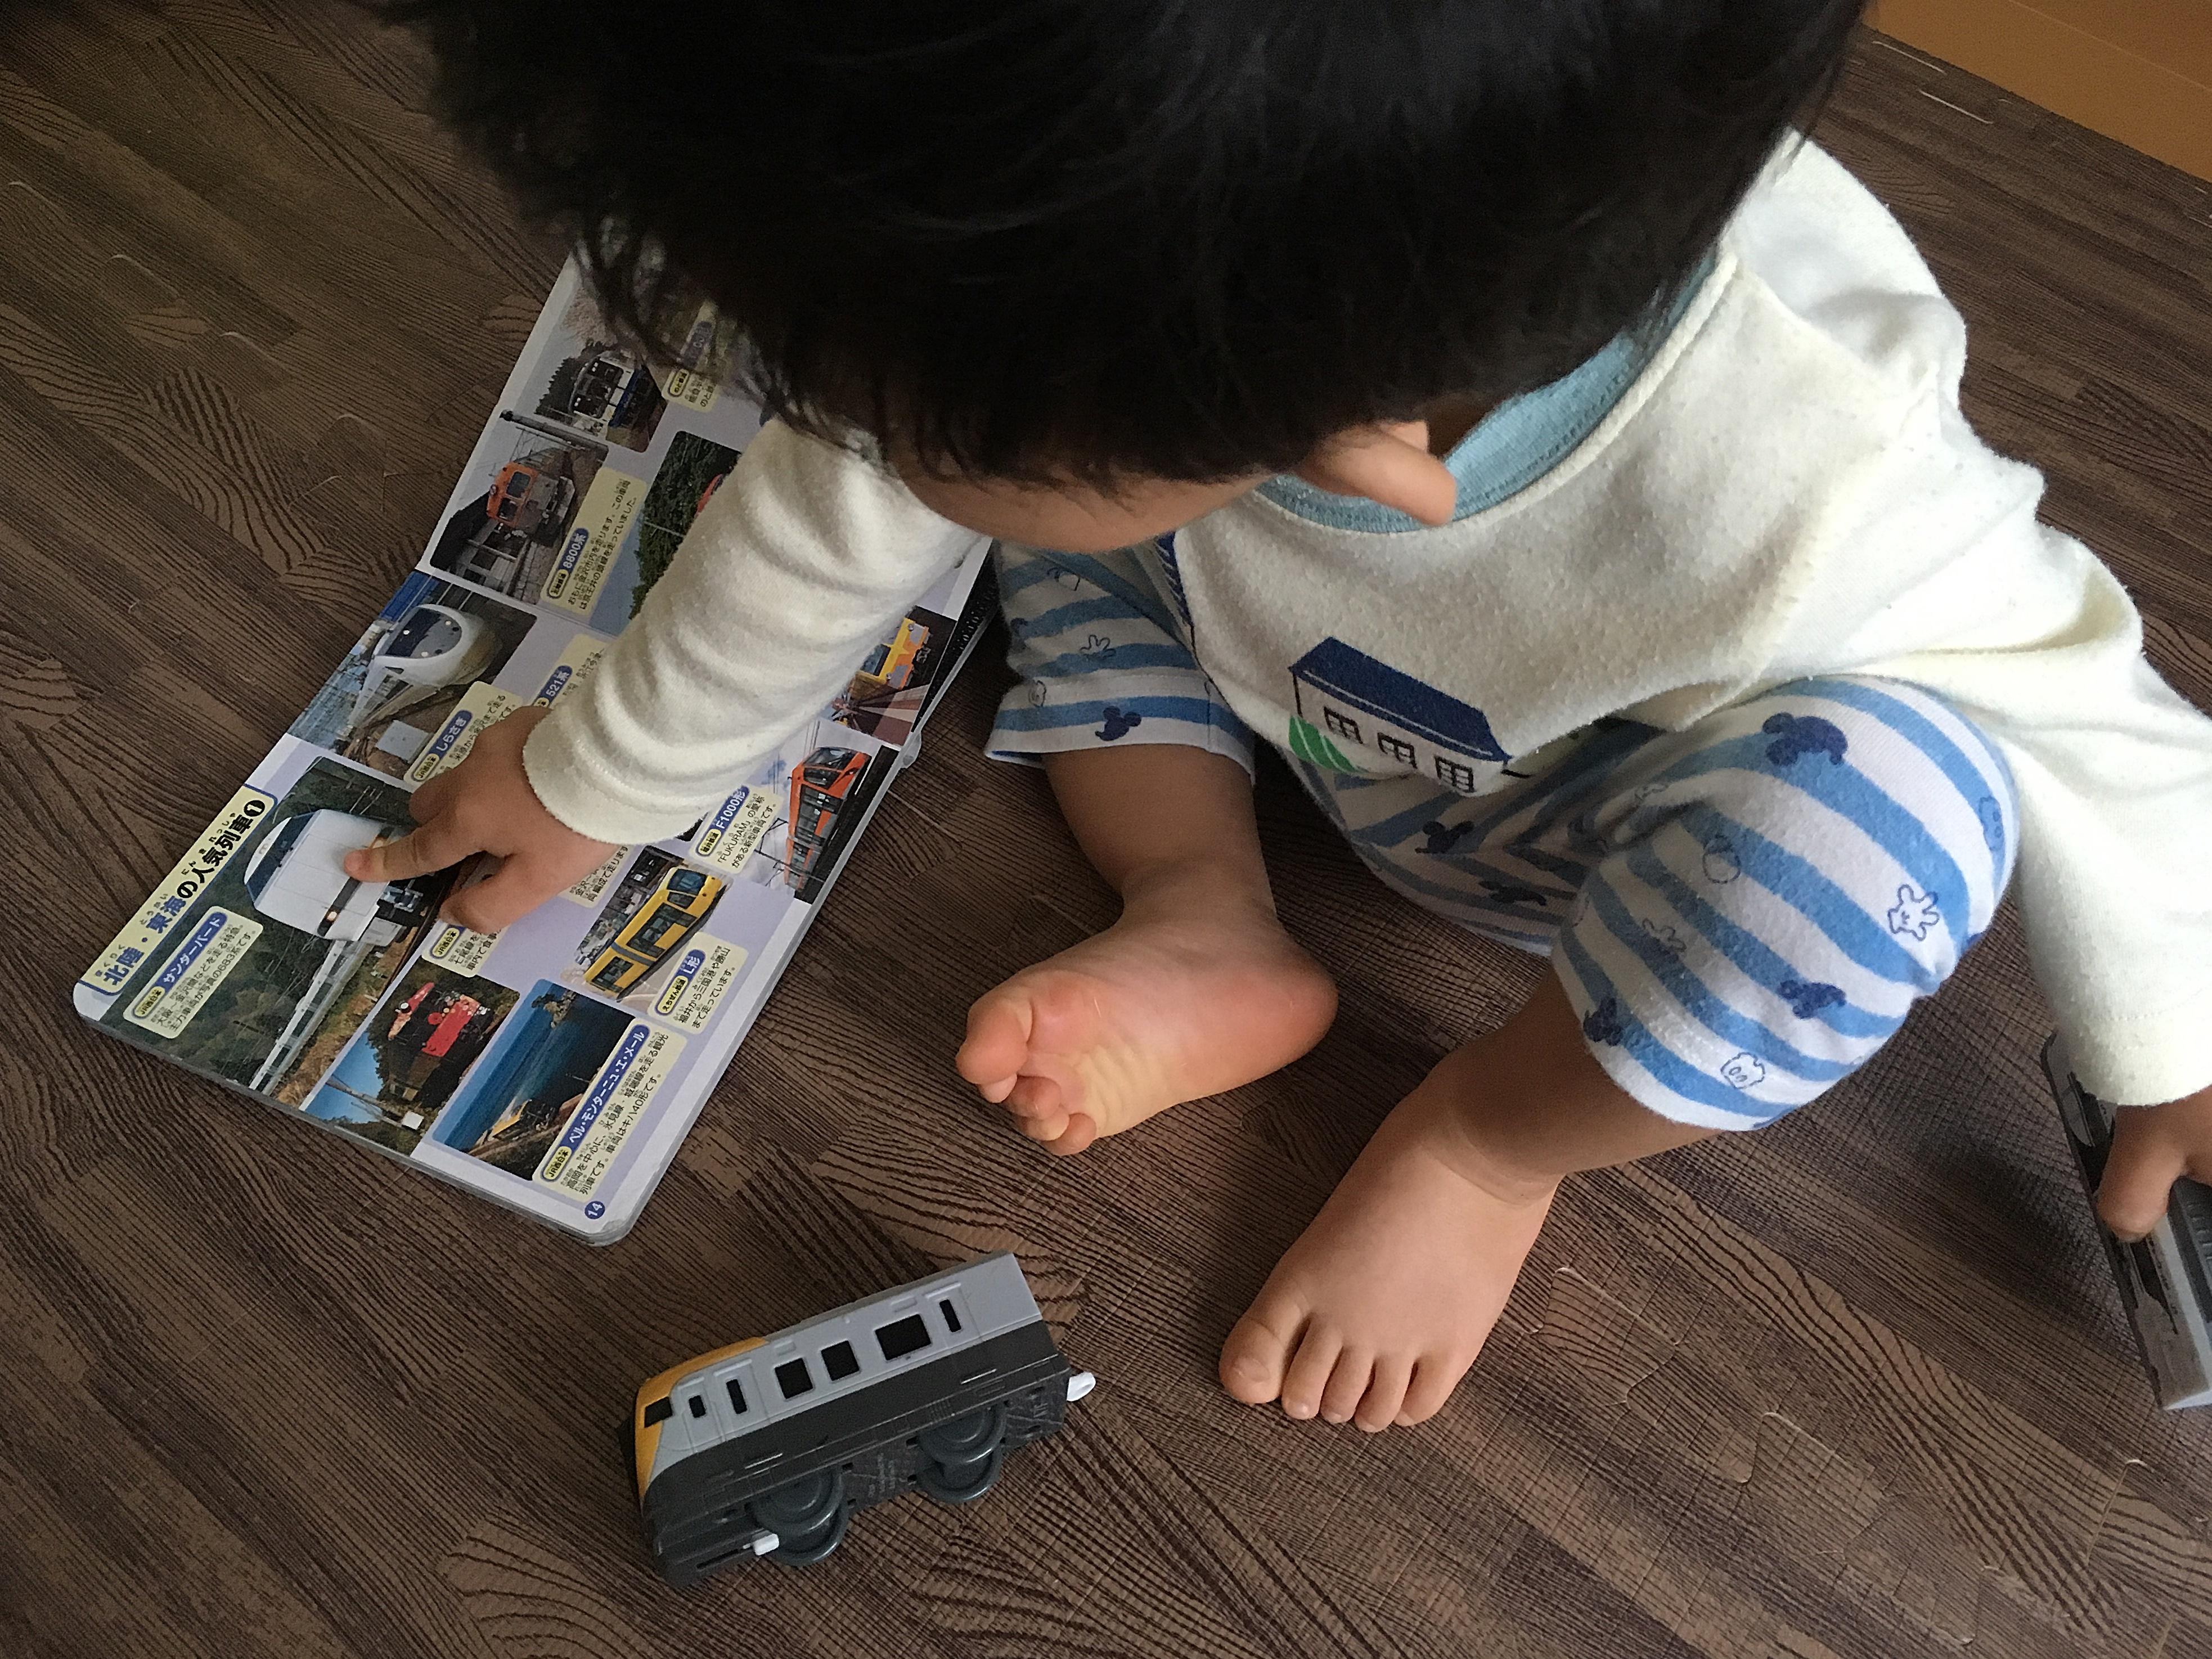 鉄道図鑑を見る愛息.JPG